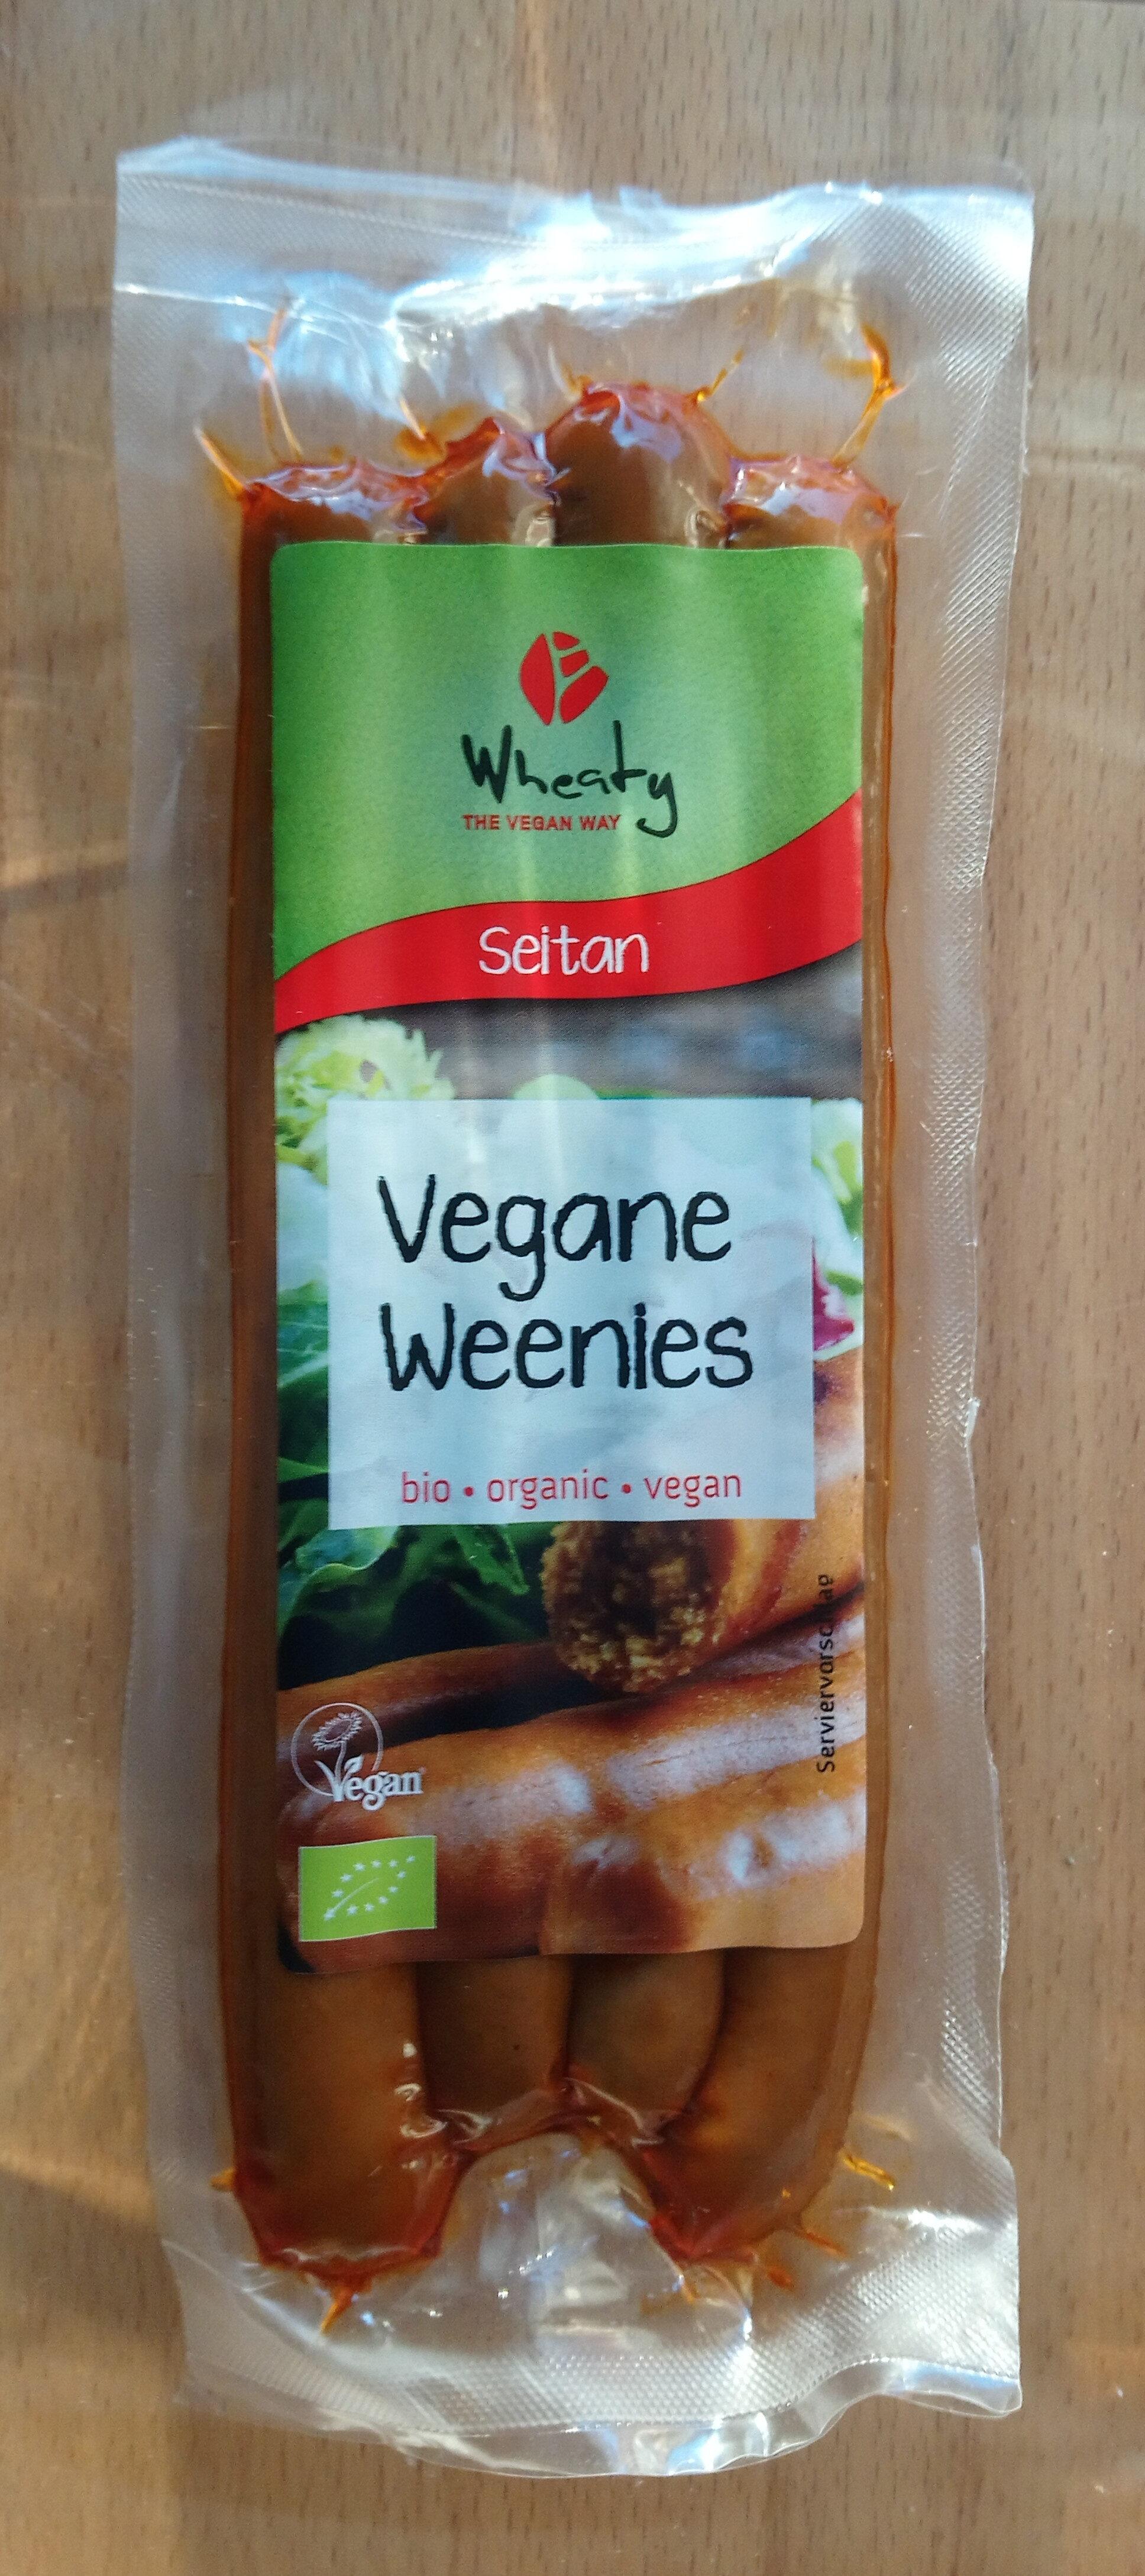 Vegane Weenies - Product